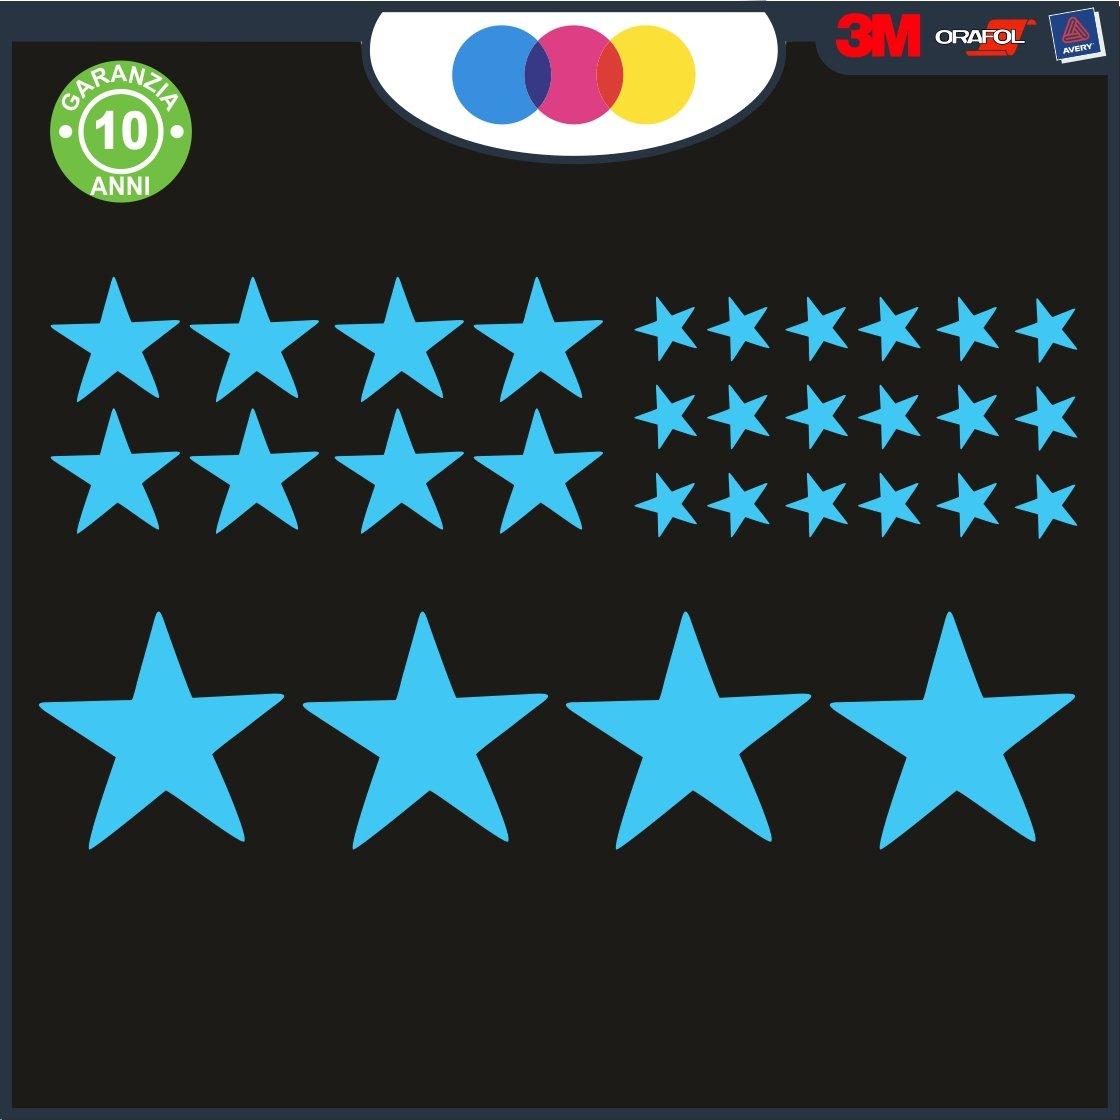 /Estrellas/ /Novedad Stickers Just Go Online S.l.u. Coche Moto Camper Pegatinas para Coche/ Decal Bianco /Estrellas/ /Coche m/áquina PC Notebook/